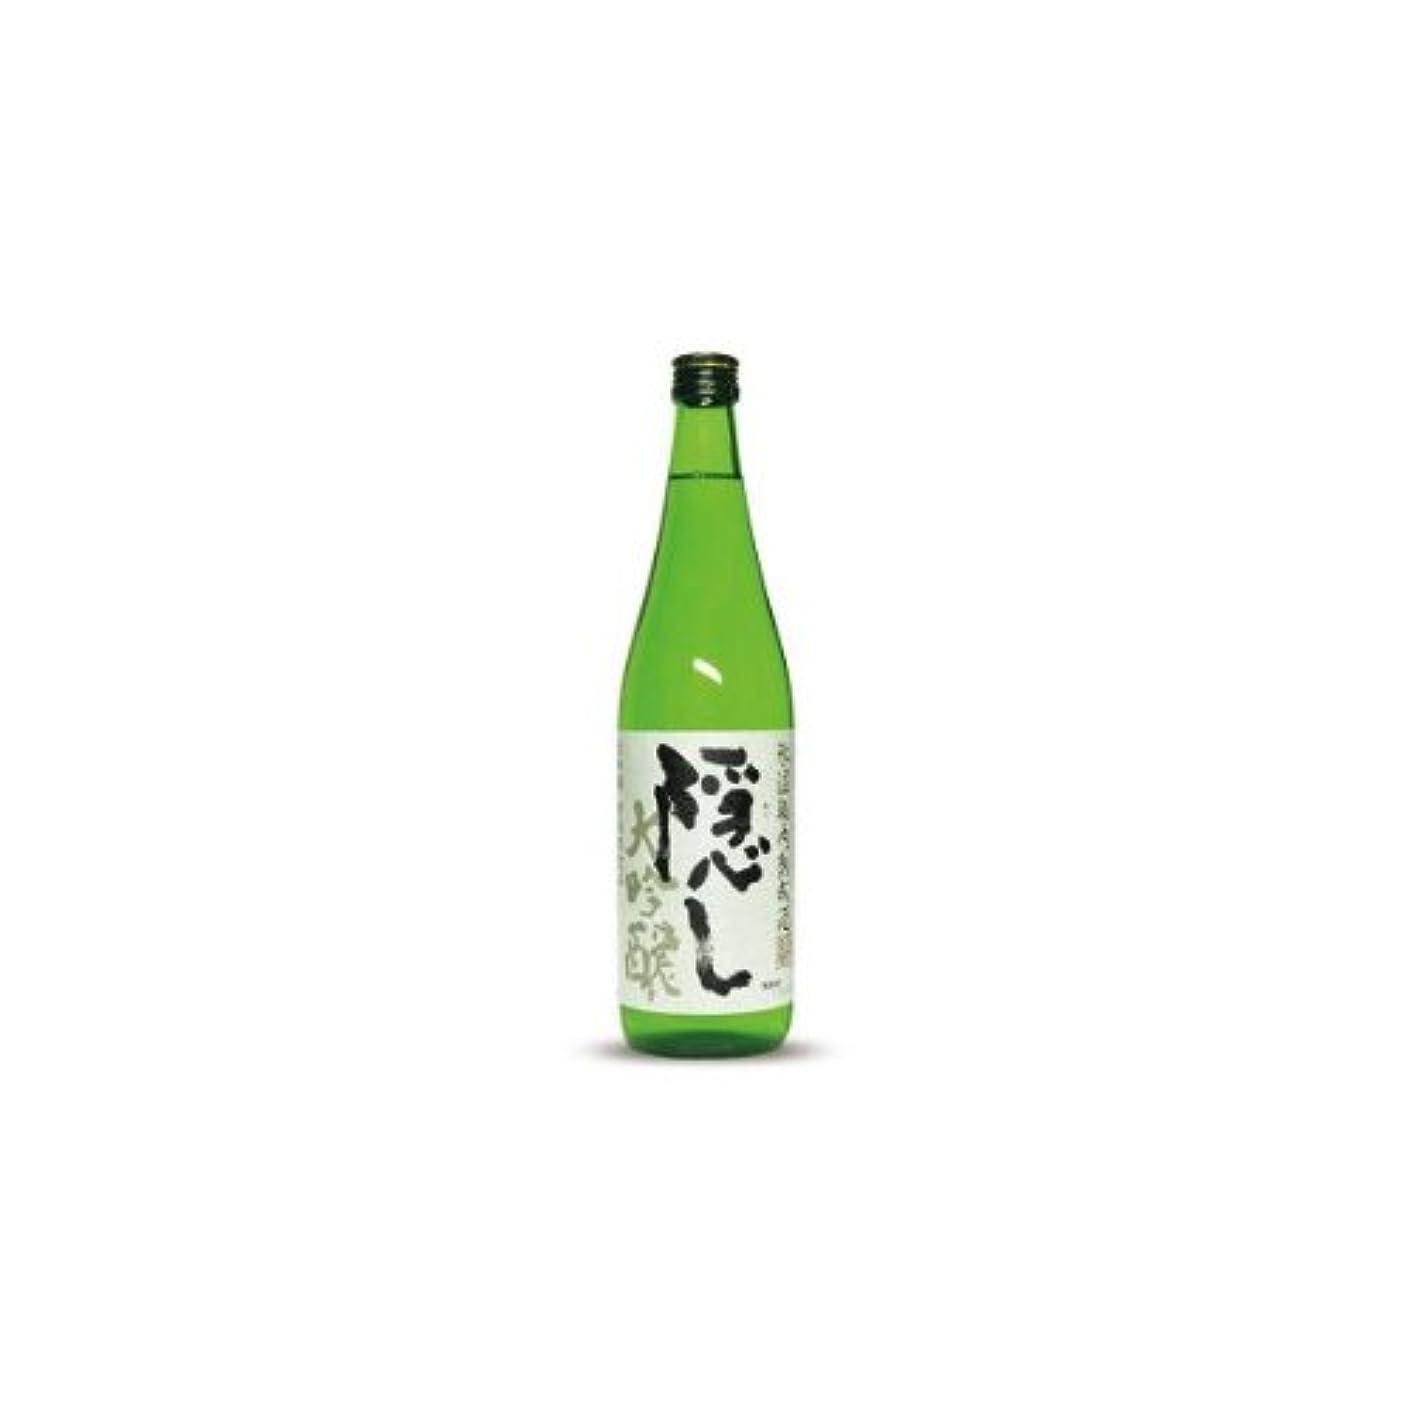 玉泉堂酒造 美濃菊 隠し大吟醸 瓶 [ 日本酒 岐阜県 720ml ]